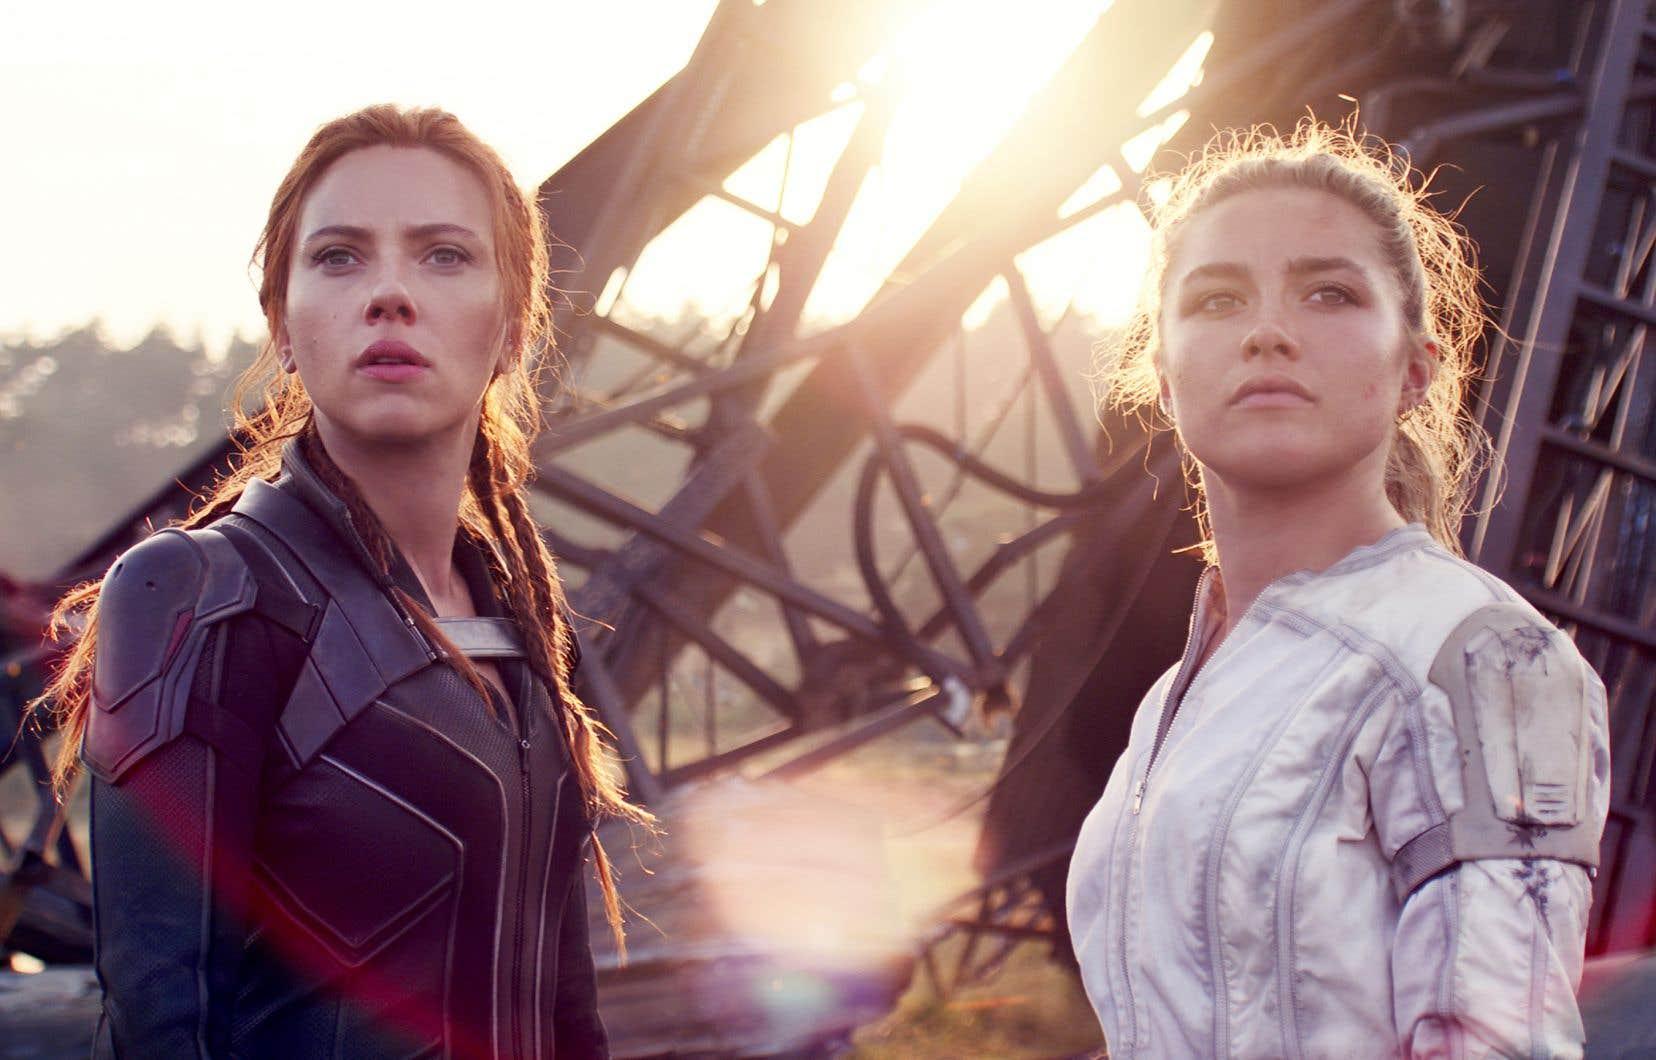 La réussite du film est en bonne partie imputable à Scarlett Johansson et à Florence Pugh, très complices dans leur numéro de vraies fausses sœurs que tout oppose et que pourtant tout unit.